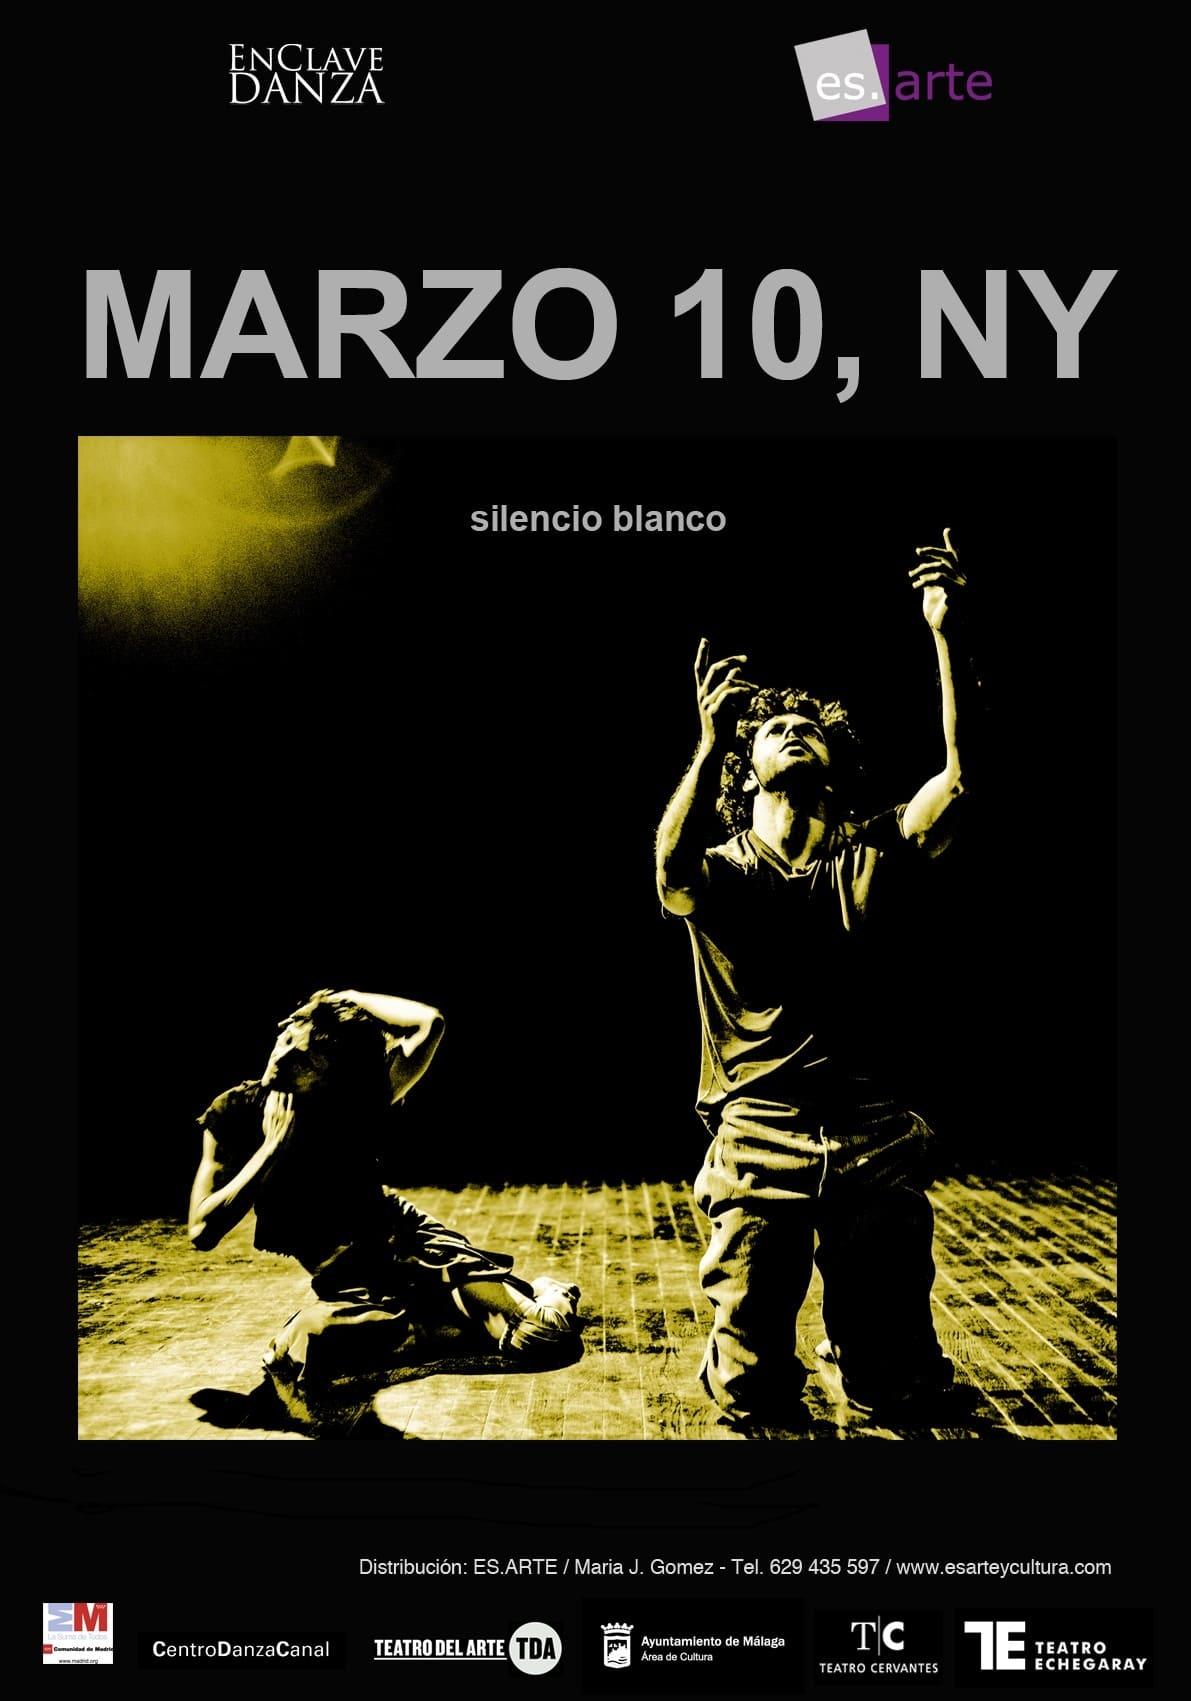 MARZO 10, NY - Silencio Blanco